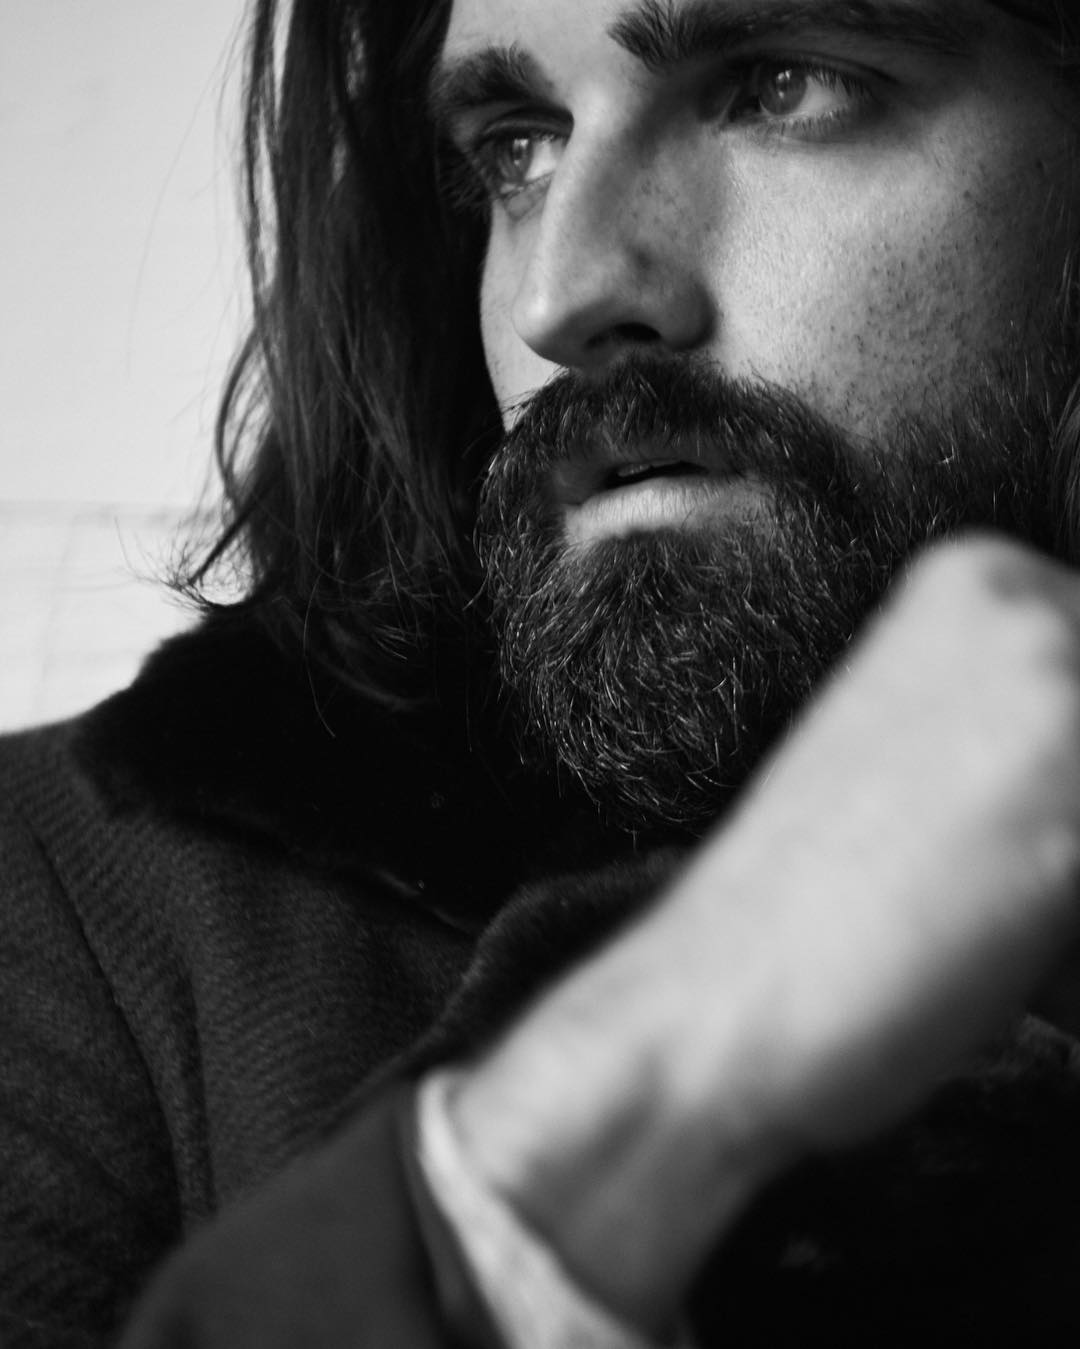 hahajoel long messy beardman beard styles for men